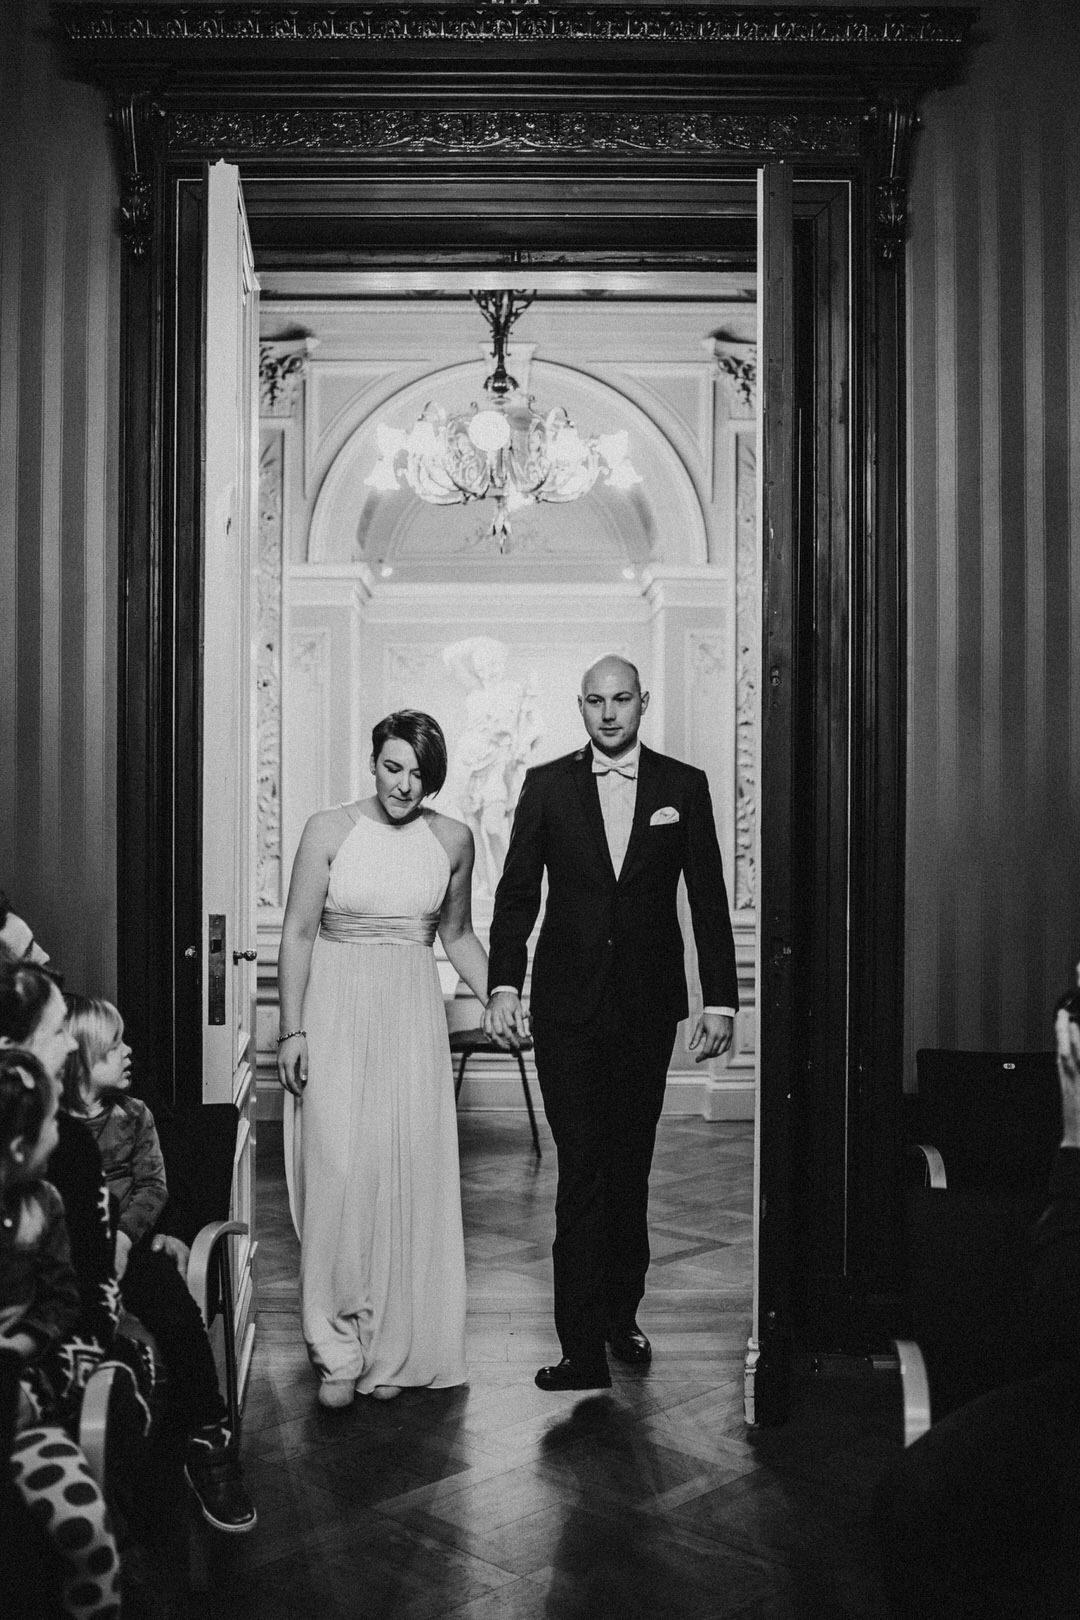 Einmarsch des Brautpaars in der Villa Clementine, Wiesbaden